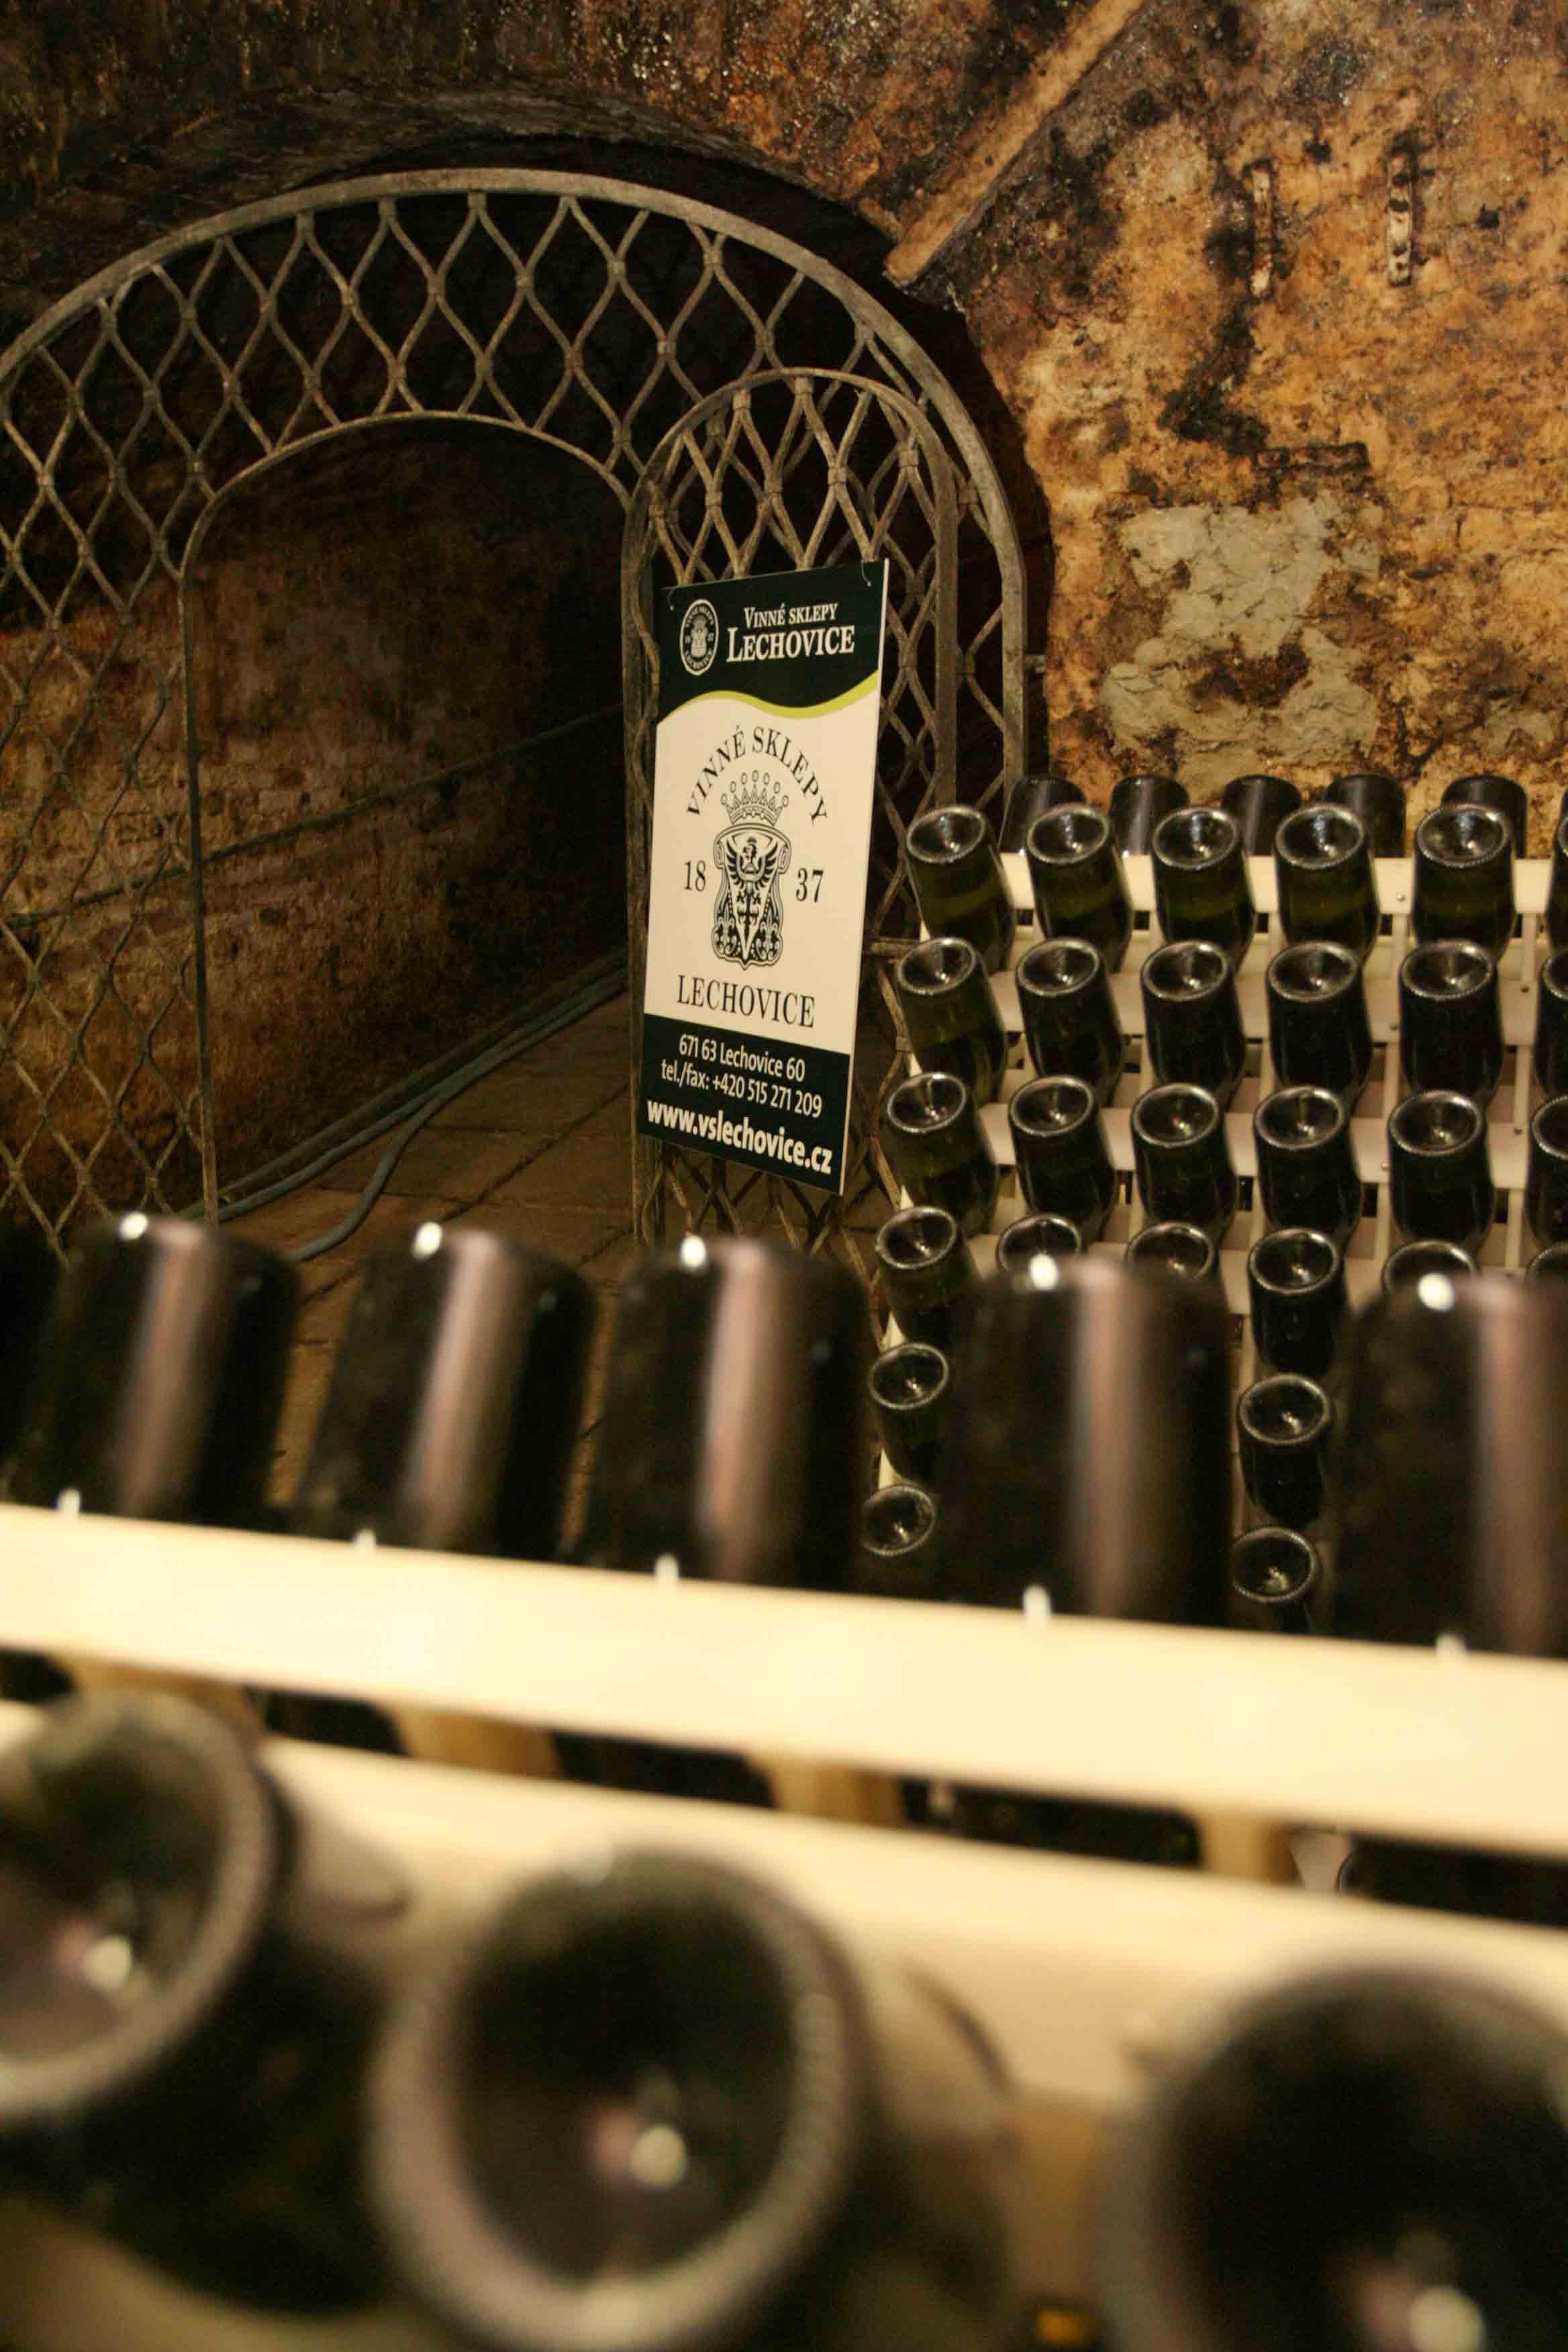 Vinné sklepy Lechovice sekty zrají ve sklepě